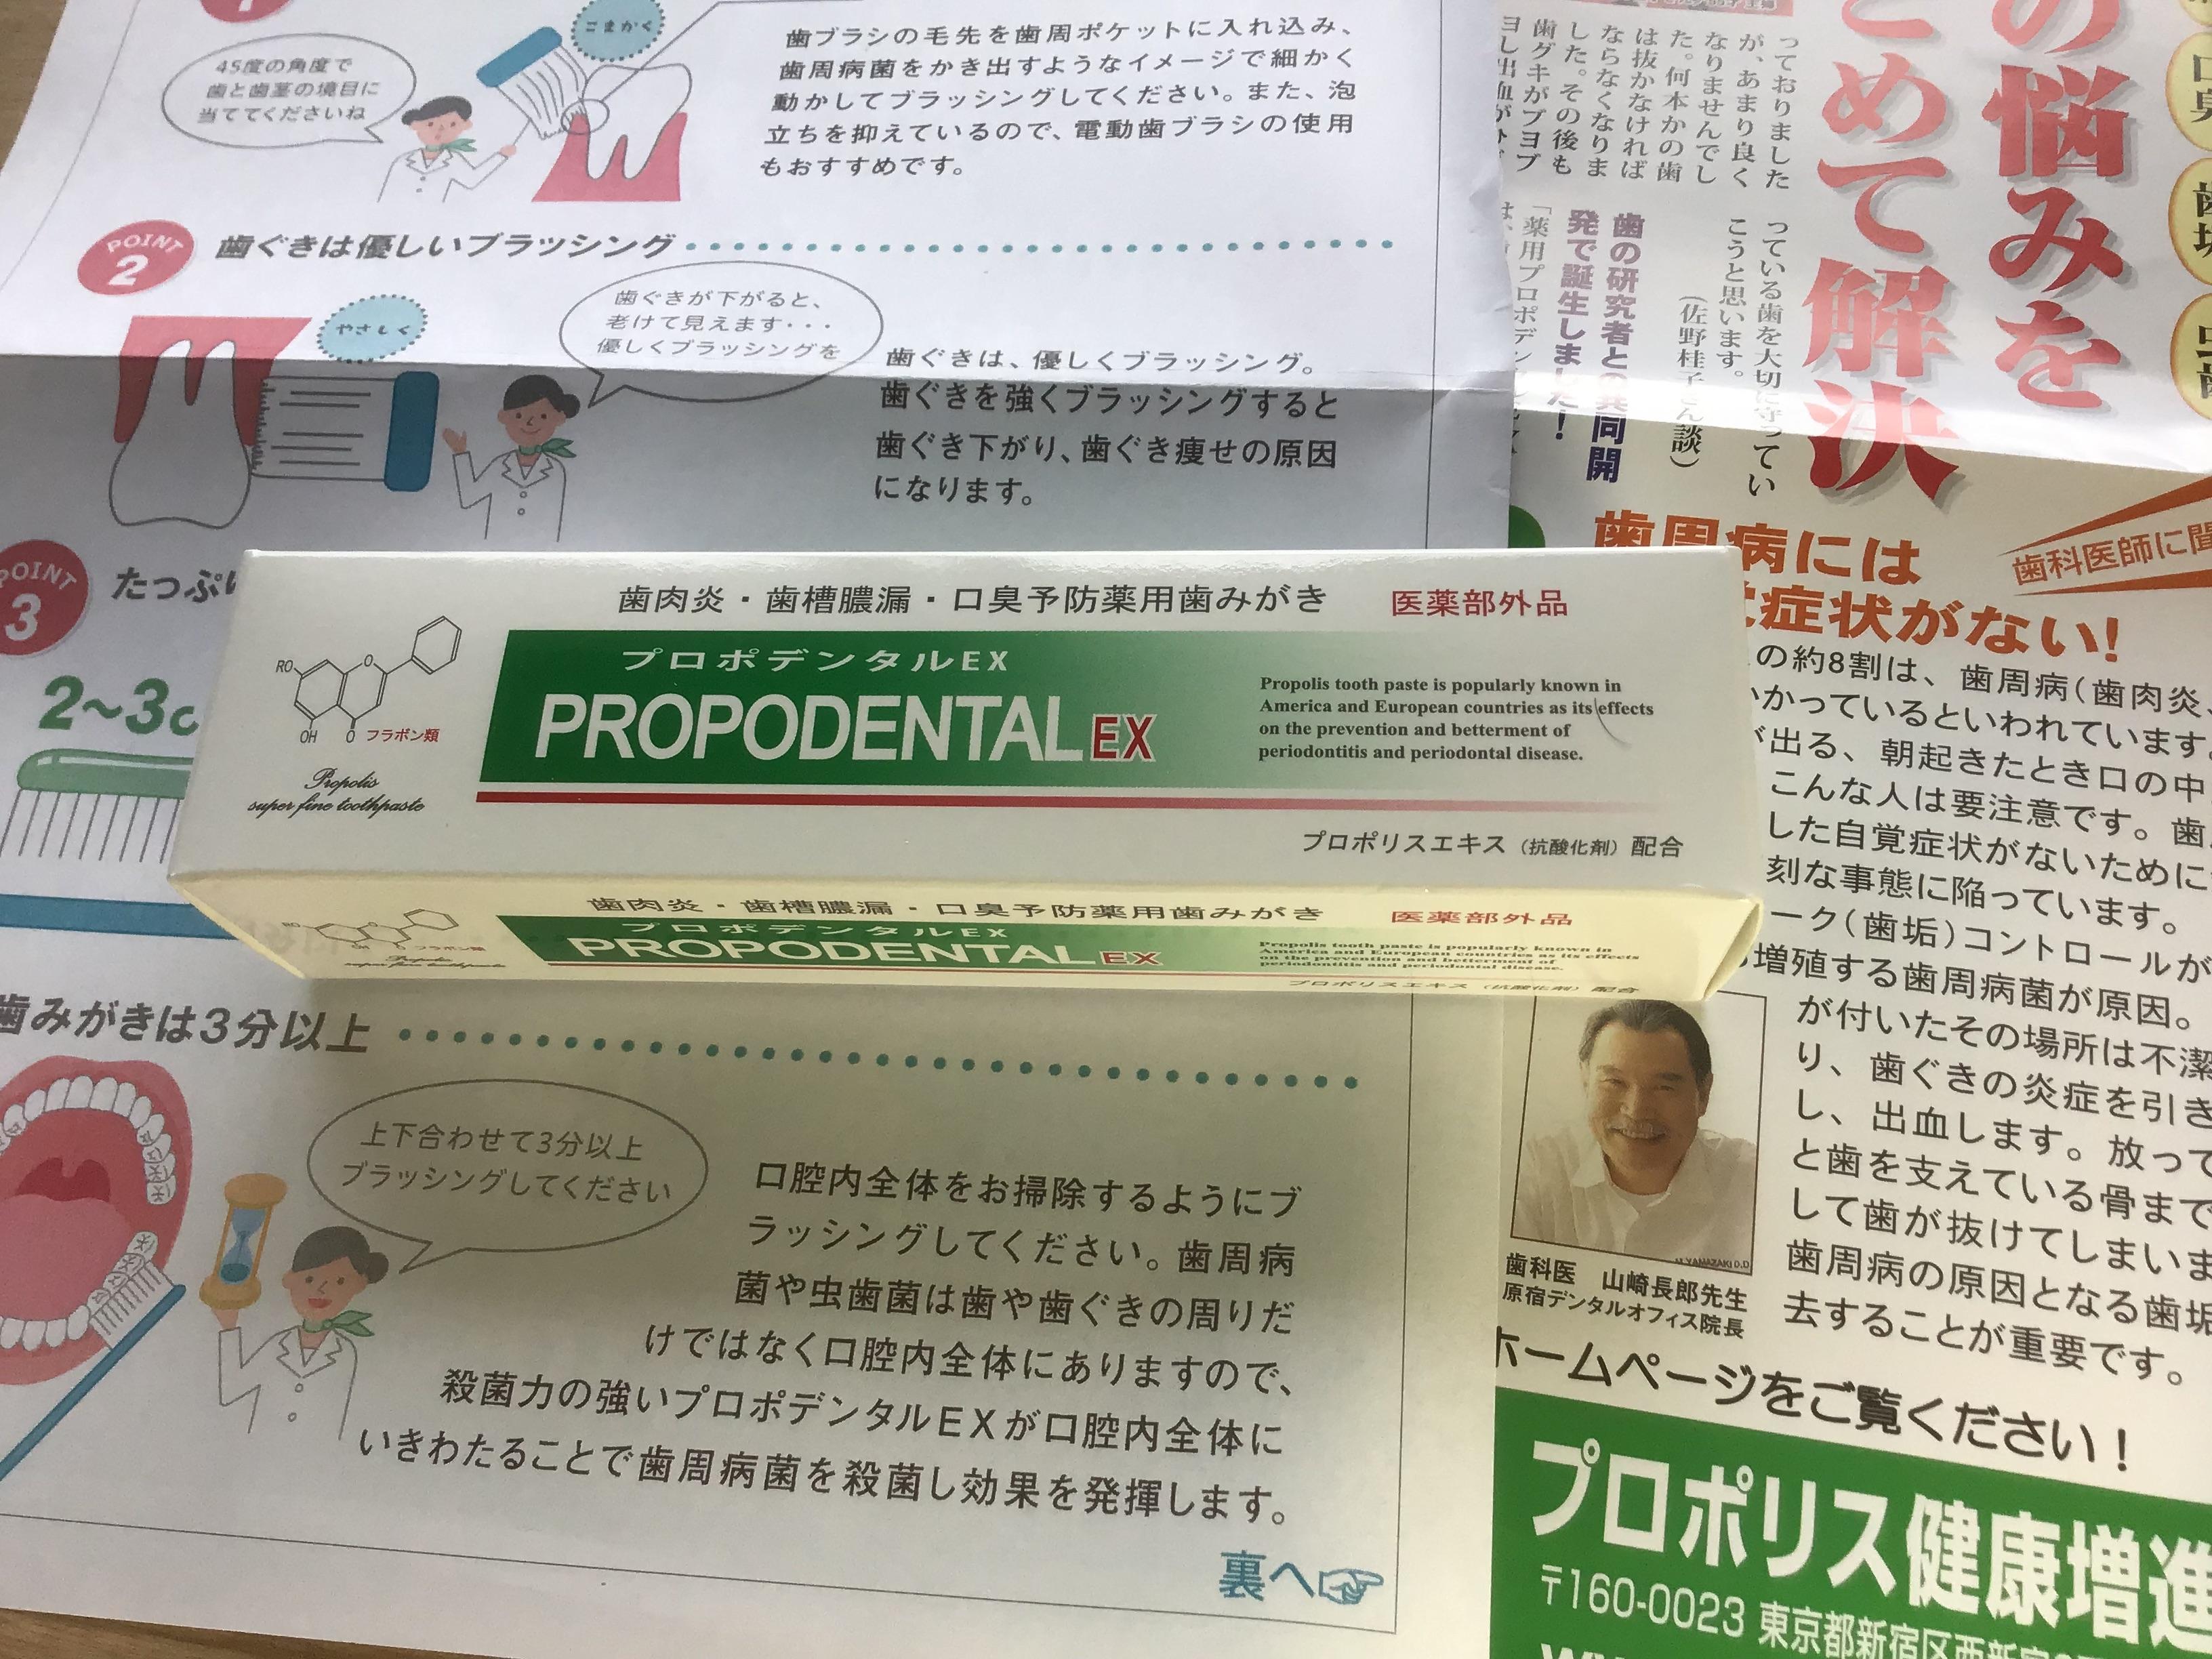 プロポデンタル